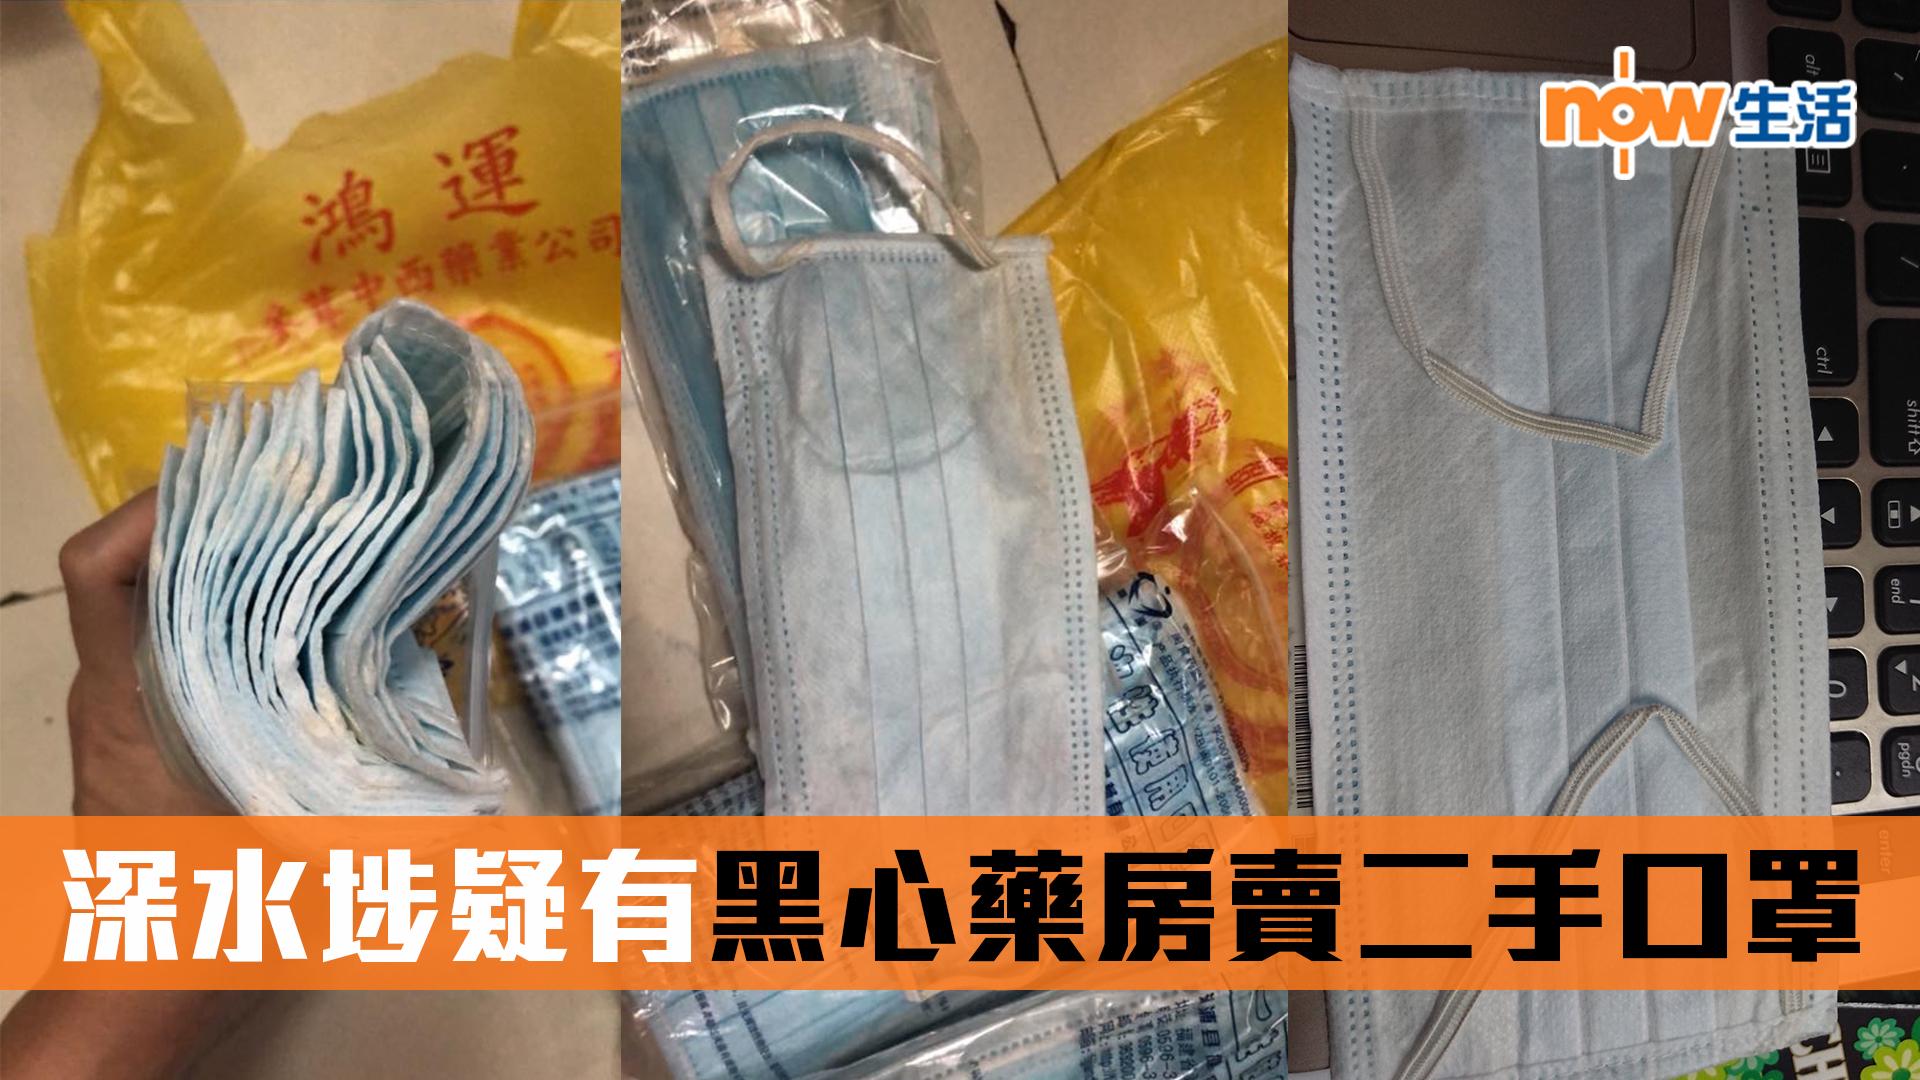 【武漢肺炎】一罩難求!深水埗疑有黑心藥房賣二手口罩